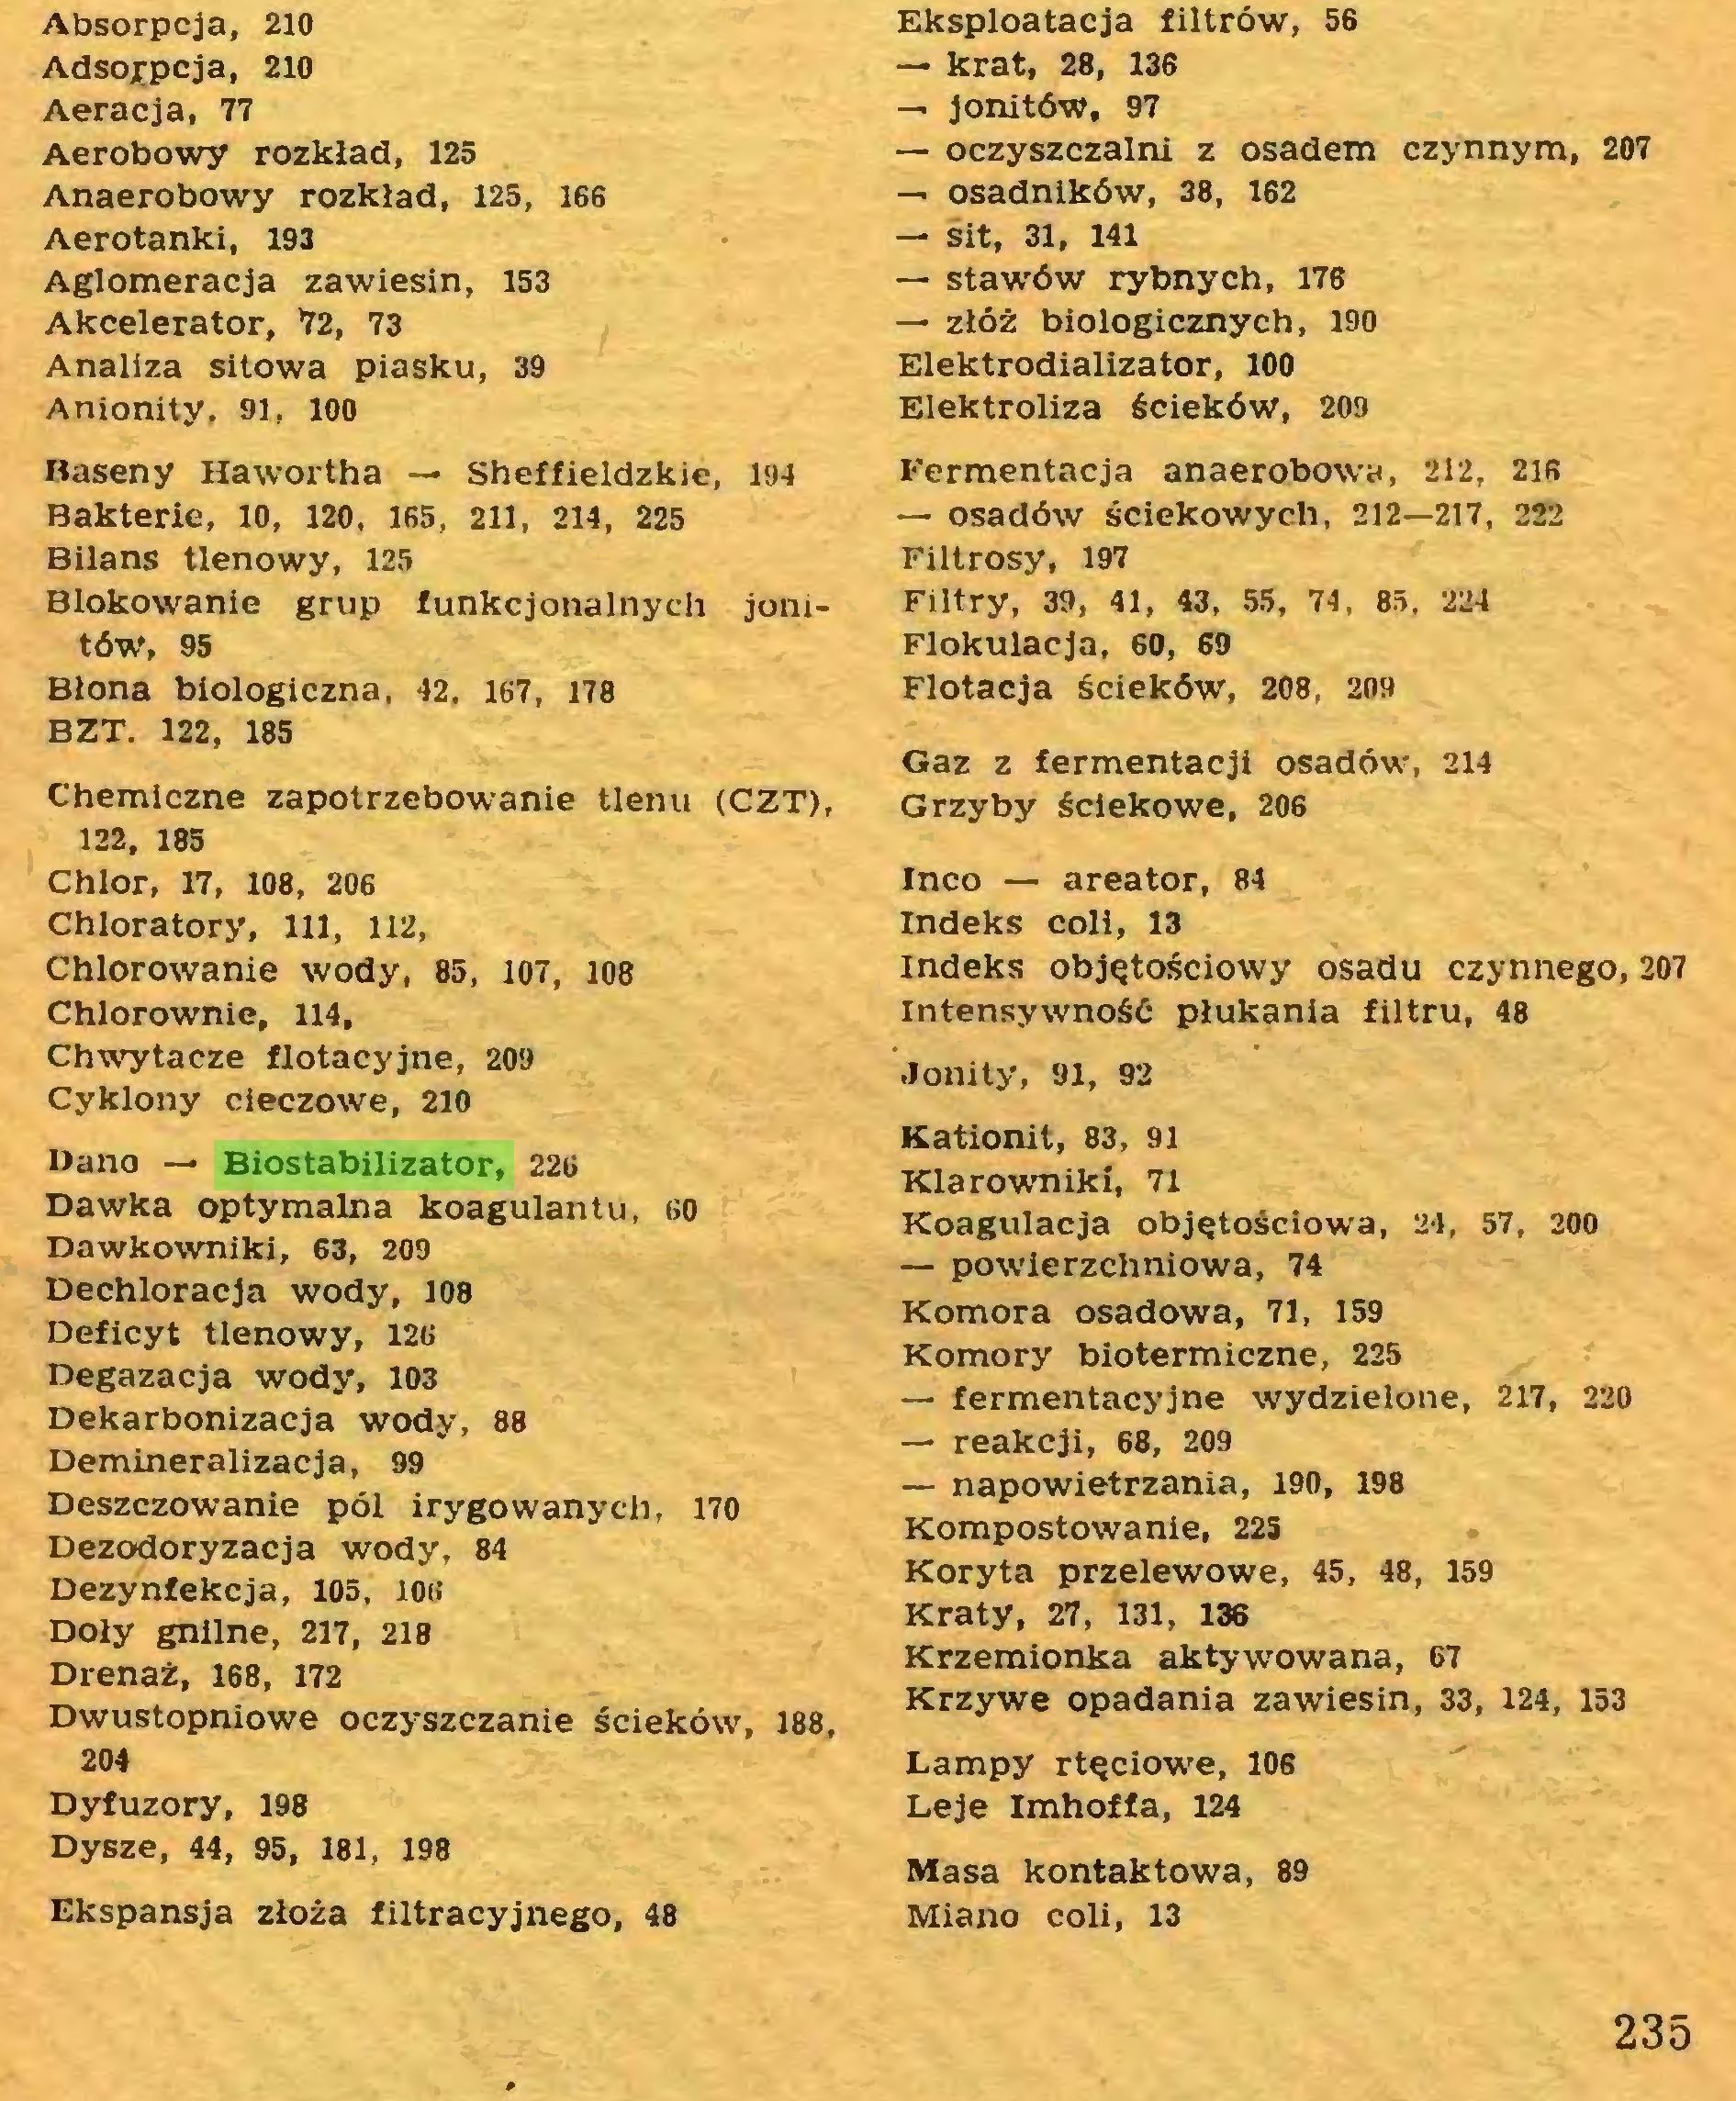 (...) BZT. 122, 185 Chemiczne zapotrzebowanie tlenu (CZT), 122, 185 Chlor, 17, 108, 206 Chloratory, 111, 112, Chlorowanie wody, 85, 107, 108 Chlorownie, 114, Chwytacze flotacyjne, 209 Cyklony cieczowe, 210 Dano — Biostabilizator, 226 Dawka optymalna koagulantu, 60 Dawkowniki, 63, 209 Dechloracja wody, 108 Deficyt tlenowy, 126 Degazacja wody, 103 Dekarbonizacja wody, 88 Demineralizacja, 99 Deszczowanie pól irygowanych, 170 Dezodoryzacja wody, 84 Dezynfekcja, 105, 106 Doły gnilne, 217, 218 Drenaż, 168, 172 Dwustopniowe oczyszczanie ścieków, 188, 204 Dyfuzory, 198 Dysze, 44, 95, 181, 198 Ekspansja złoża filtracyjnego, 48 Eksploatacja filtrów, 56 — krat, 28, 136 — jonitów, 97 — oczyszczalni z osadem czynnym, 207 — osadników, 38, 162 — sit, 31, 141 — stawów rybnych, 176 — złóż biologicznych, 190 Elektrodializator, 100 Elektroliza ścieków, 209 Fermentacja anaerobowy, 212, 216 — osadów ściekowych, 212—217, 222 Filtrosy, 197 Filtry, 39, 41, 43, 55, 74, 85, 224 Flokulacja, 60, 69 Flotacja ścieków, 208, 209 Gaz z fermentacji osadów, 214 Grzyby ściekowe, 206 Inco — areator, 84 Indeks coli, 13 indeks objętościowy osadu czynnego, 207 intensywność płukania filtru, 48 Jonity, 91, 92 Kationit, 83, 91 Klarowniki, 71 Koagulacja objętościowa, 24, 57, 200 — powierzchniowa, 74 Komora osadowa, 71, 159 Komory biotermiczne, 225 — fermentac5'jne wydzielone, 217, 220 — reakcji, 68, 209 — napowietrzania, 190, 198 Kompostowanie, 225 Koryta przelewowe, 45, 48, 159 Kraty, 27, 131, 136 Krzemionka aktywowana, 67 Krzywe opadania zawiesin, 33, 124, 153 Lampy rtęciowe, 106 Leje Imhoffa, 124 Masa kontaktowa, 89 Miano coli, 13 235...